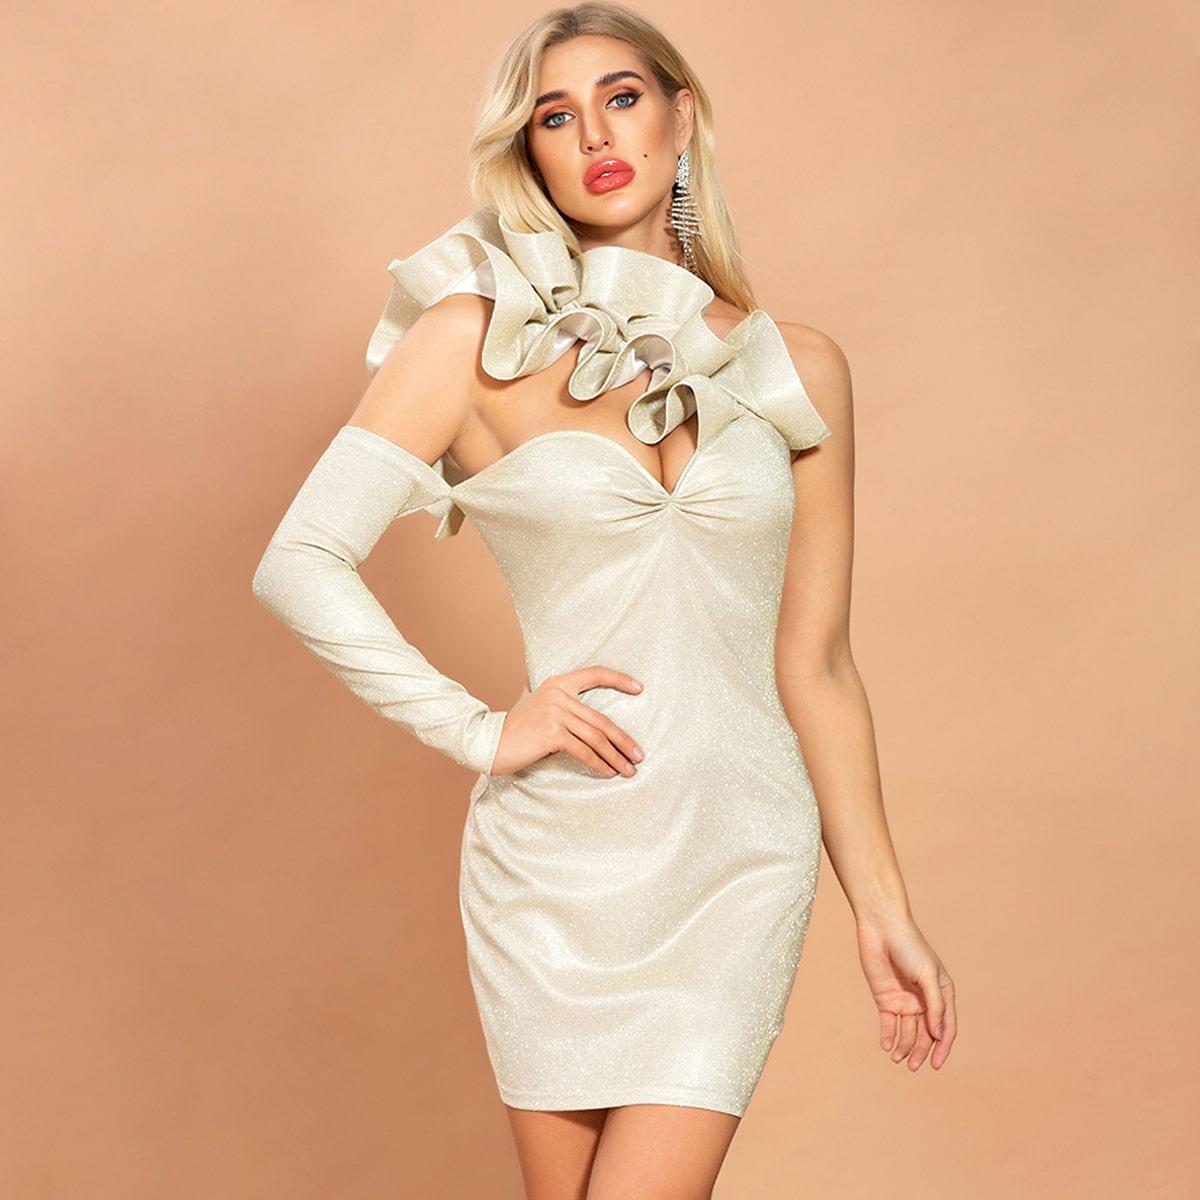 Missord блестящее облегающее платье на одно плечо с оборками фото